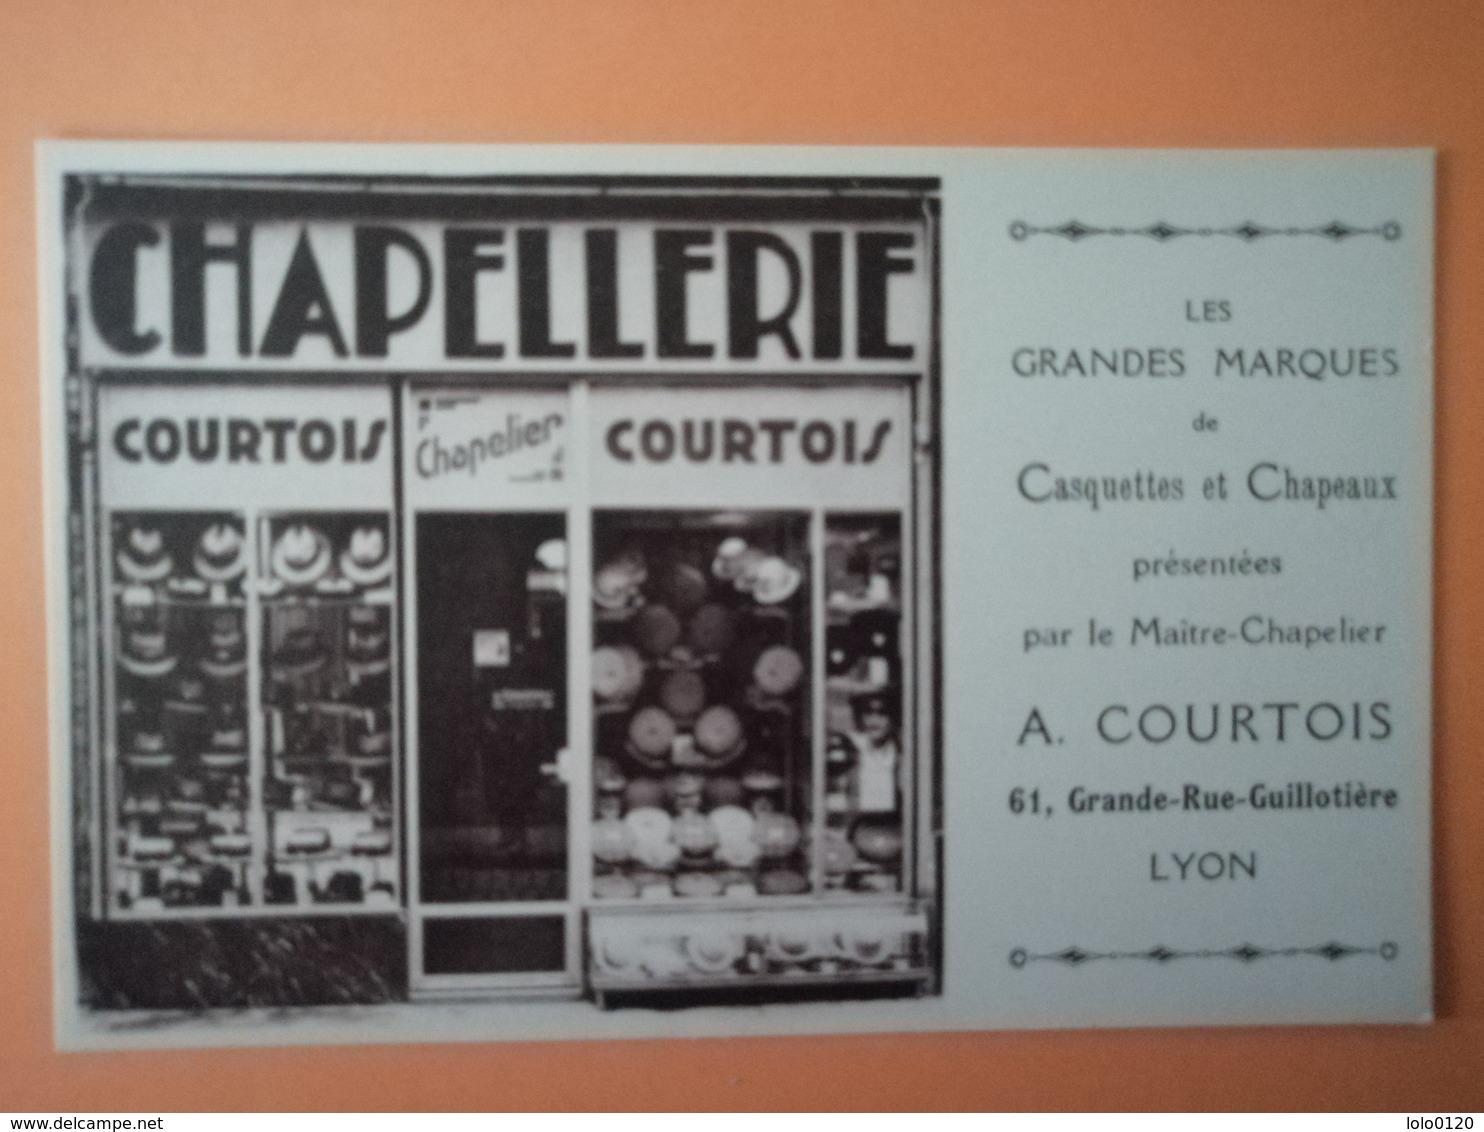 Lyon Chapellerie Courtois Tbe - Unclassified